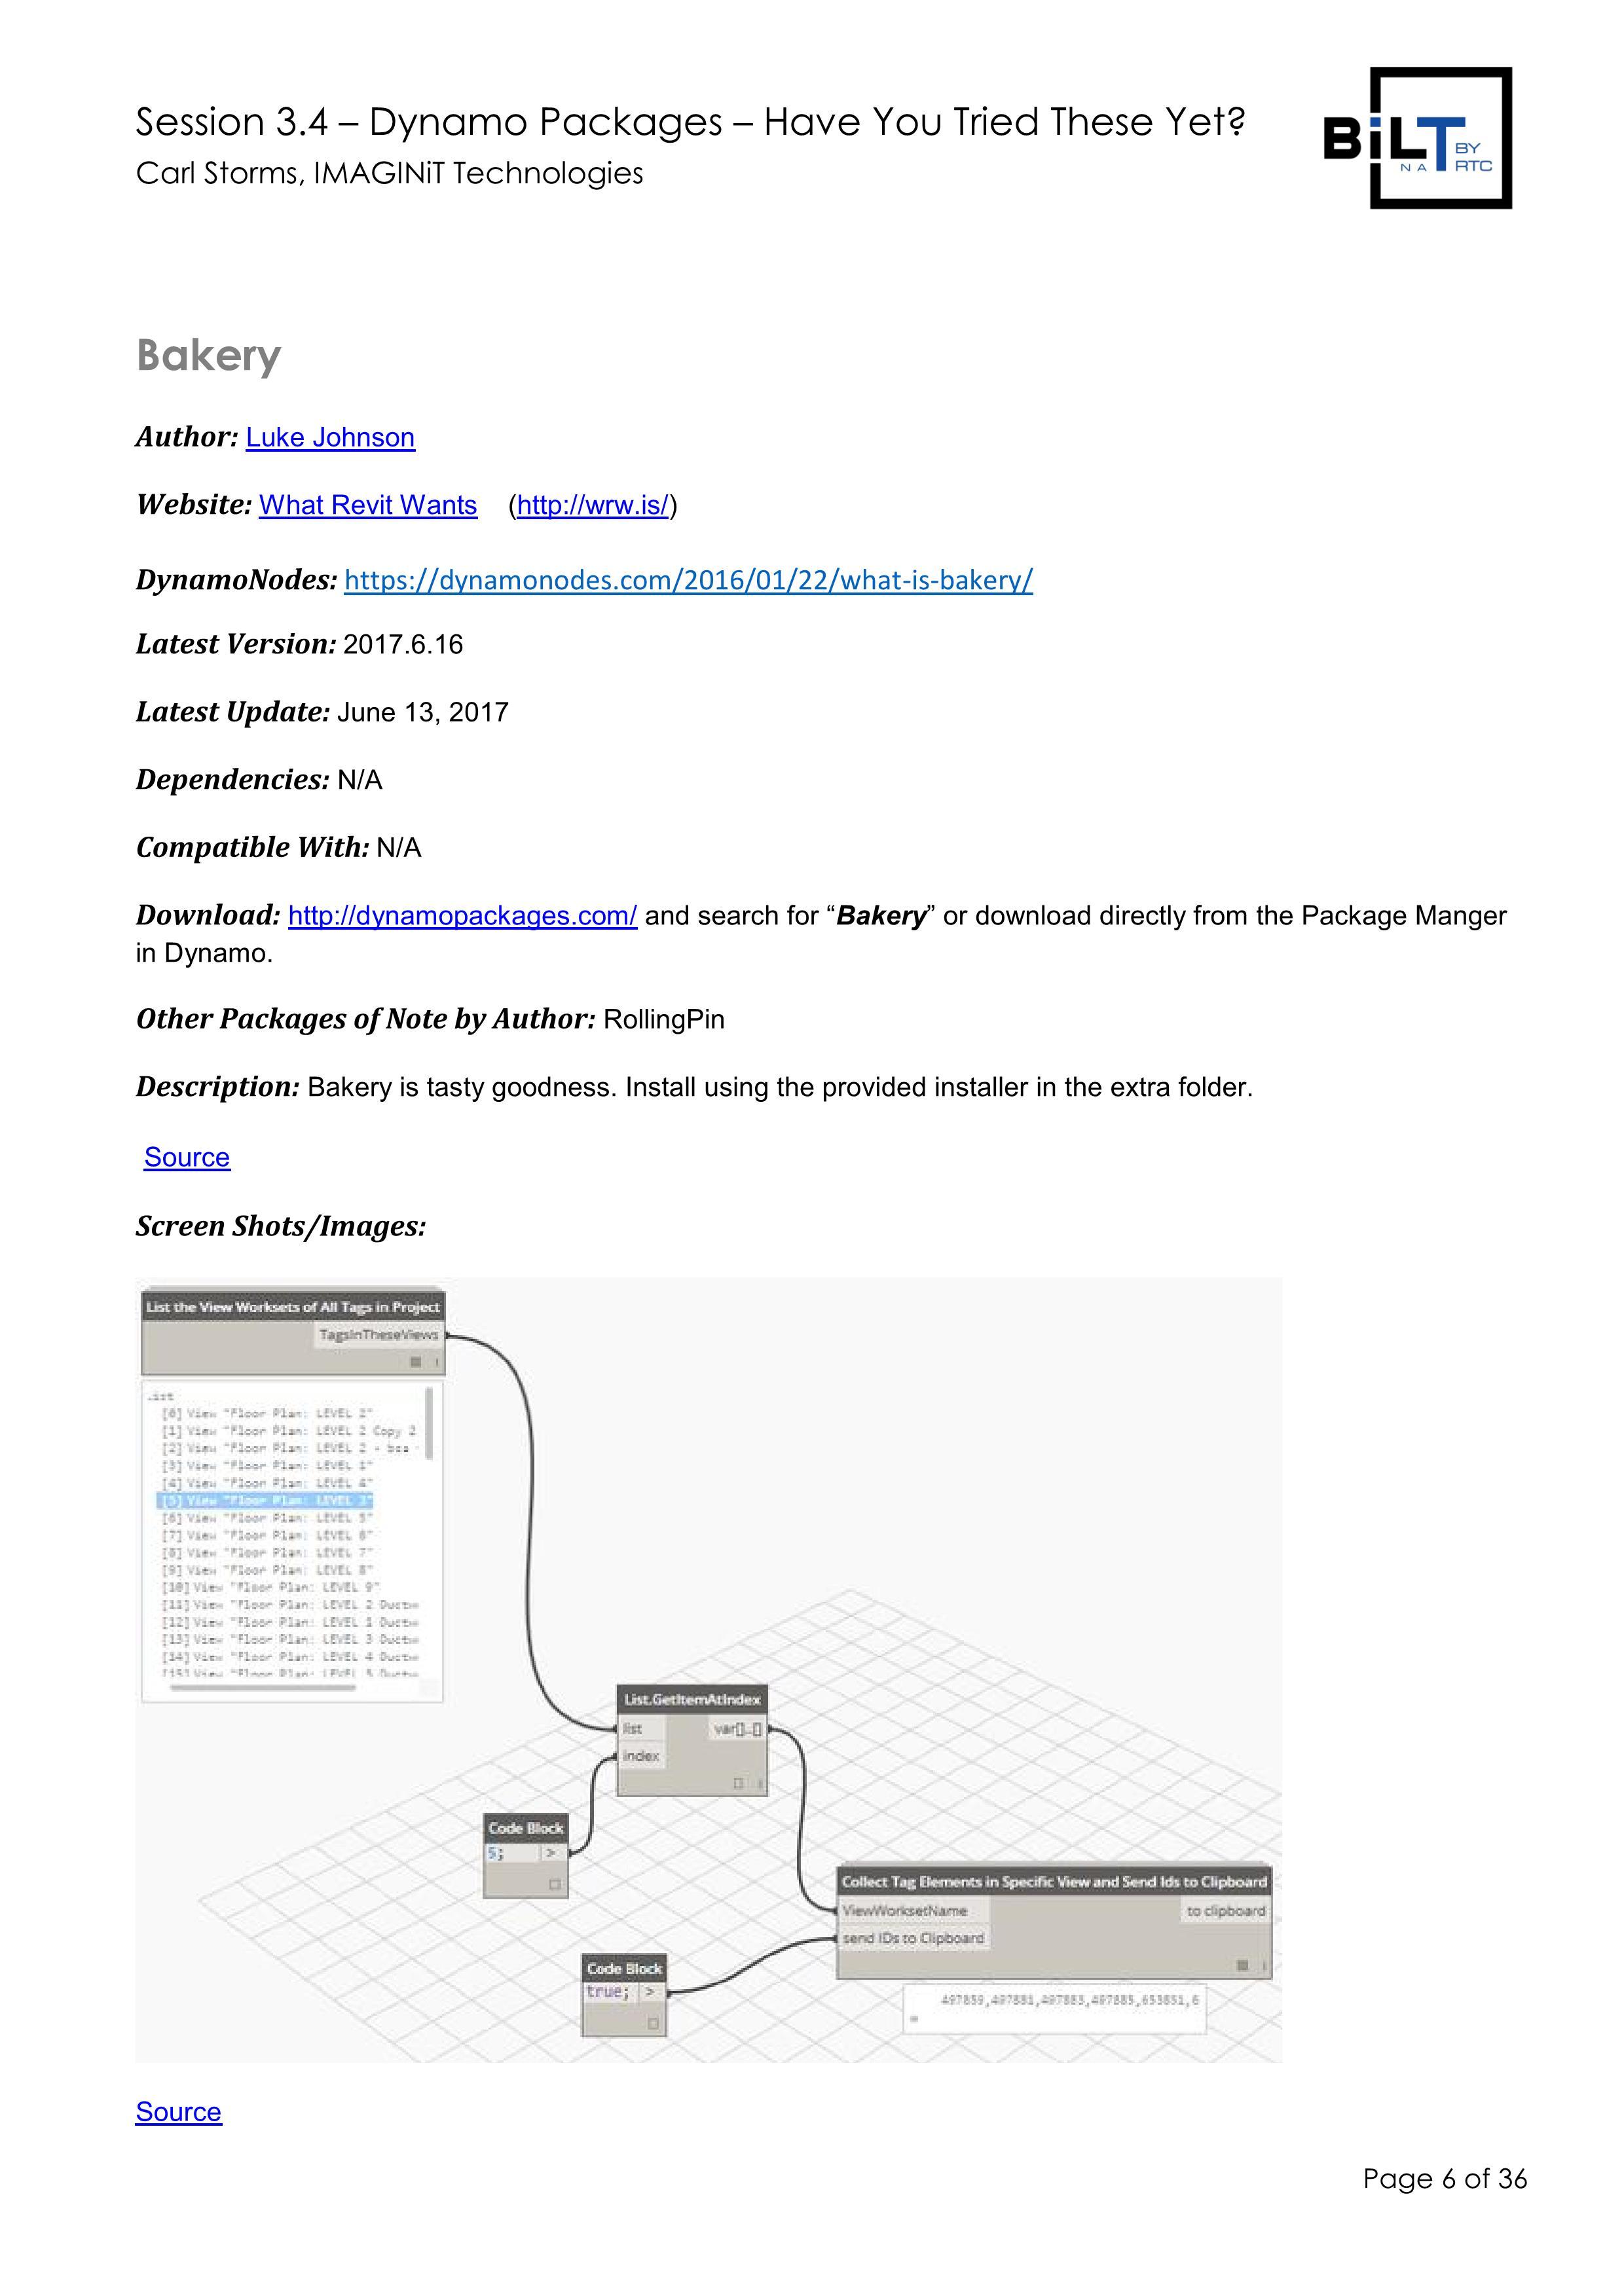 DynamoPackagesHaveYouTried Page 006.jpg